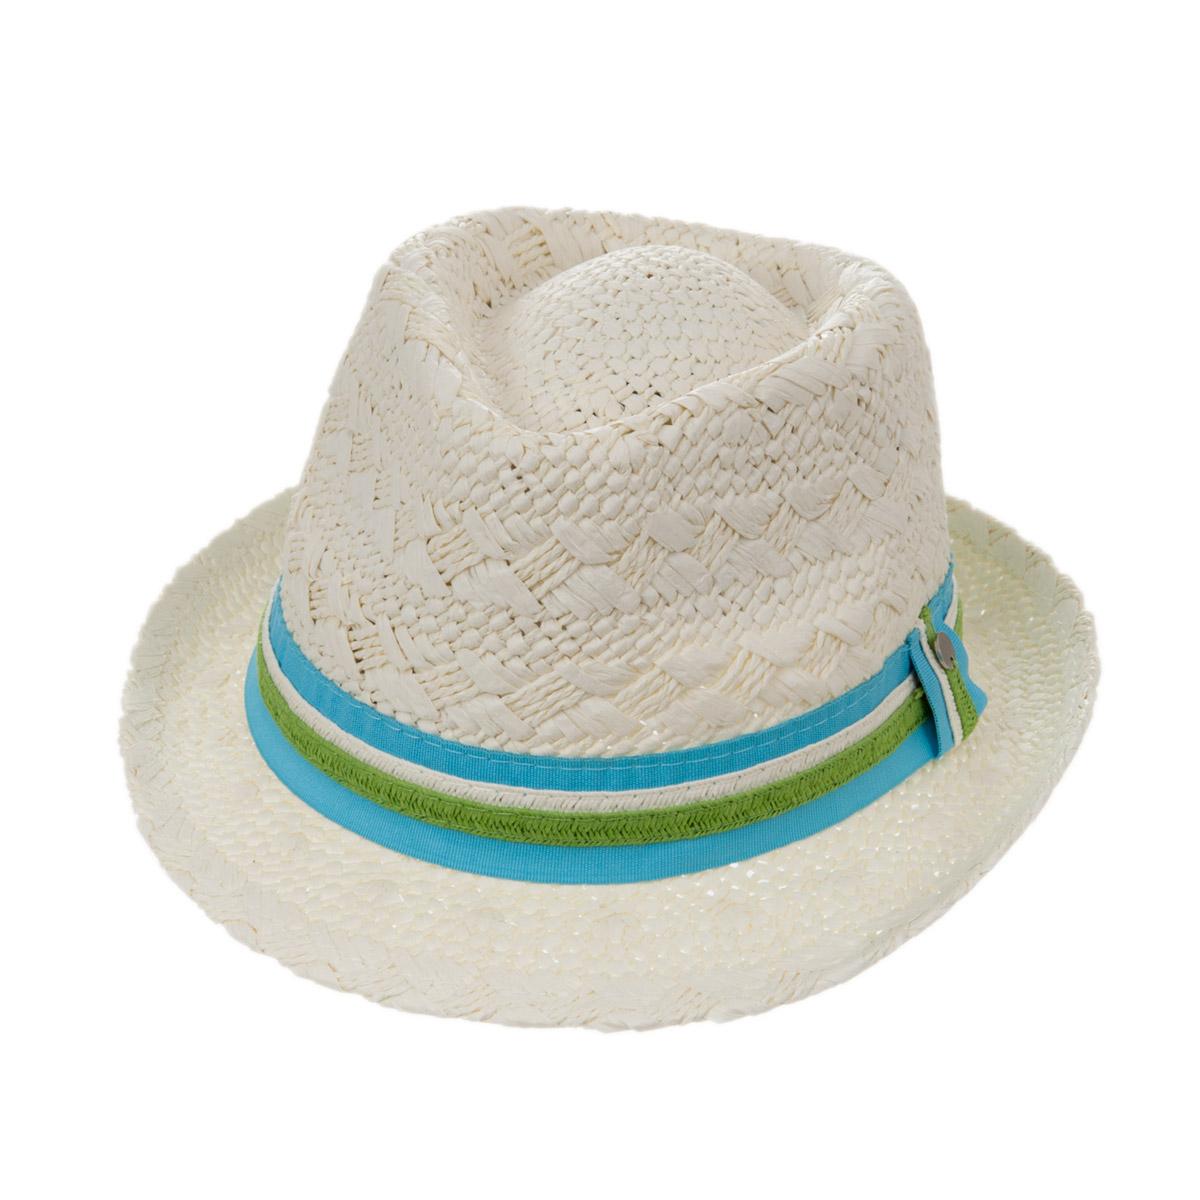 cappello trilby estivo bianco cappello trilby estivo bianco 1a0b30d43954